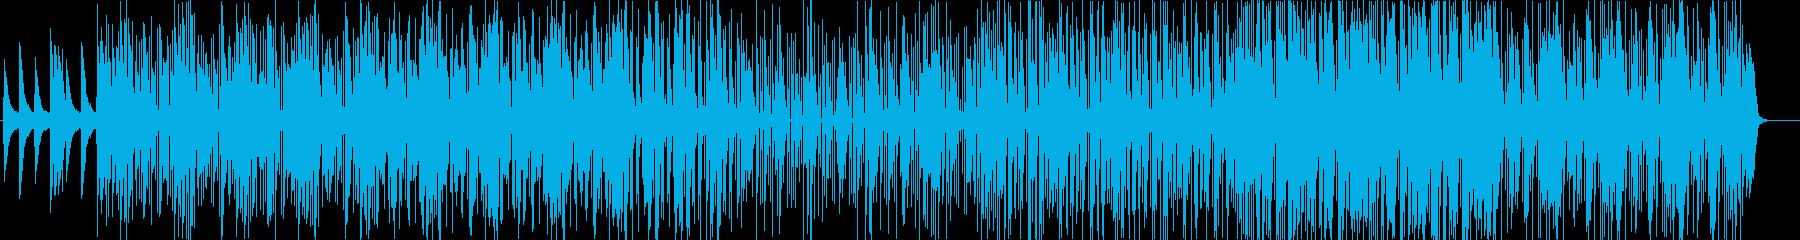 メロウでローファイなHIPHOPの再生済みの波形